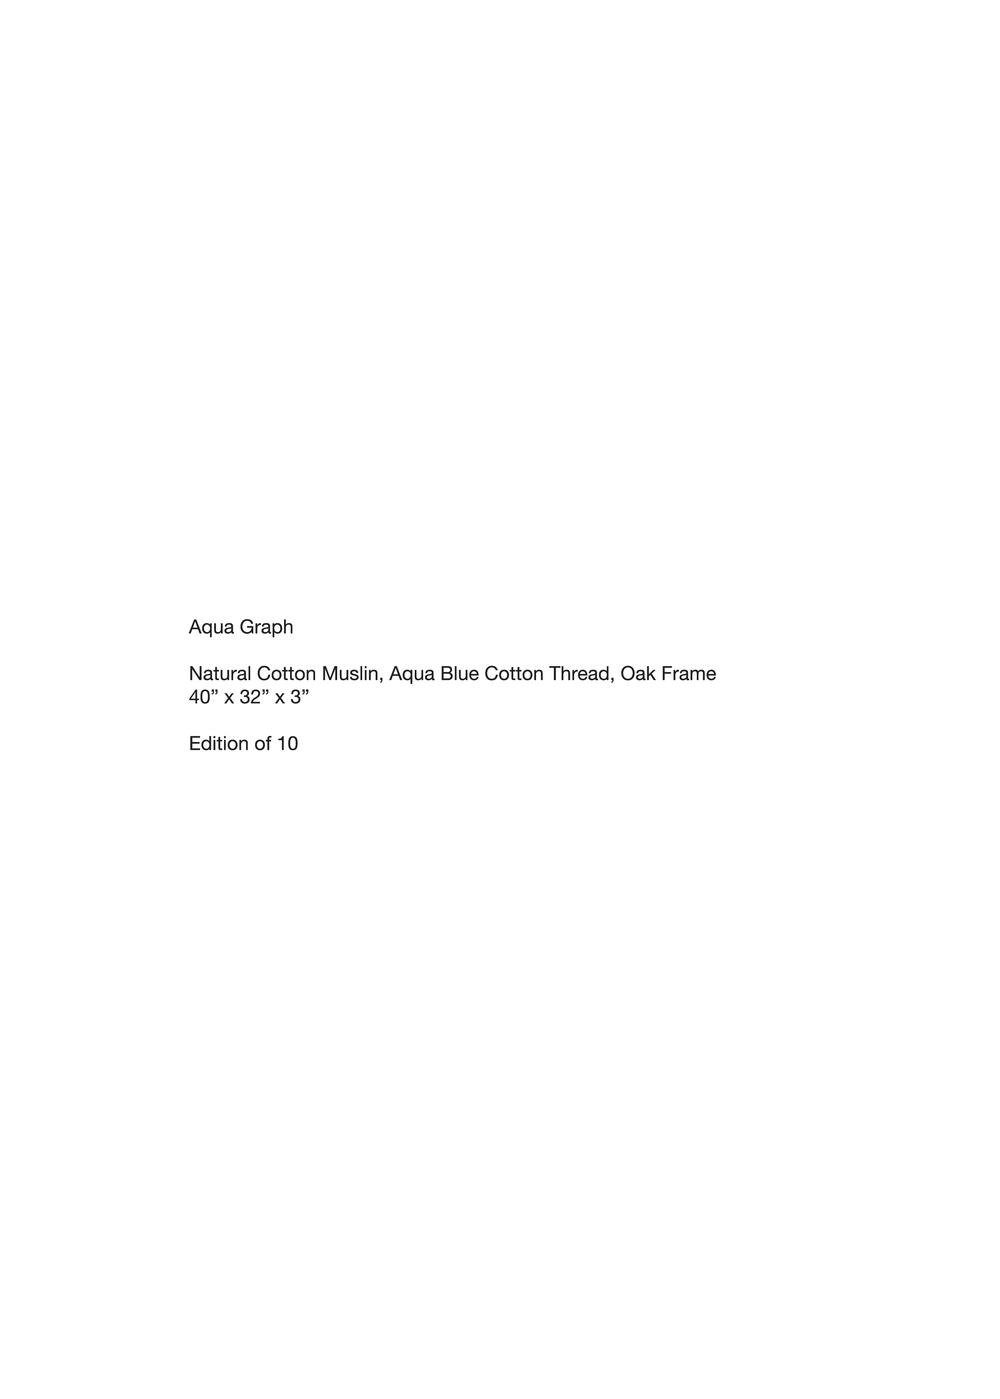 Nicole Patel Aqua Graph Text-01.png